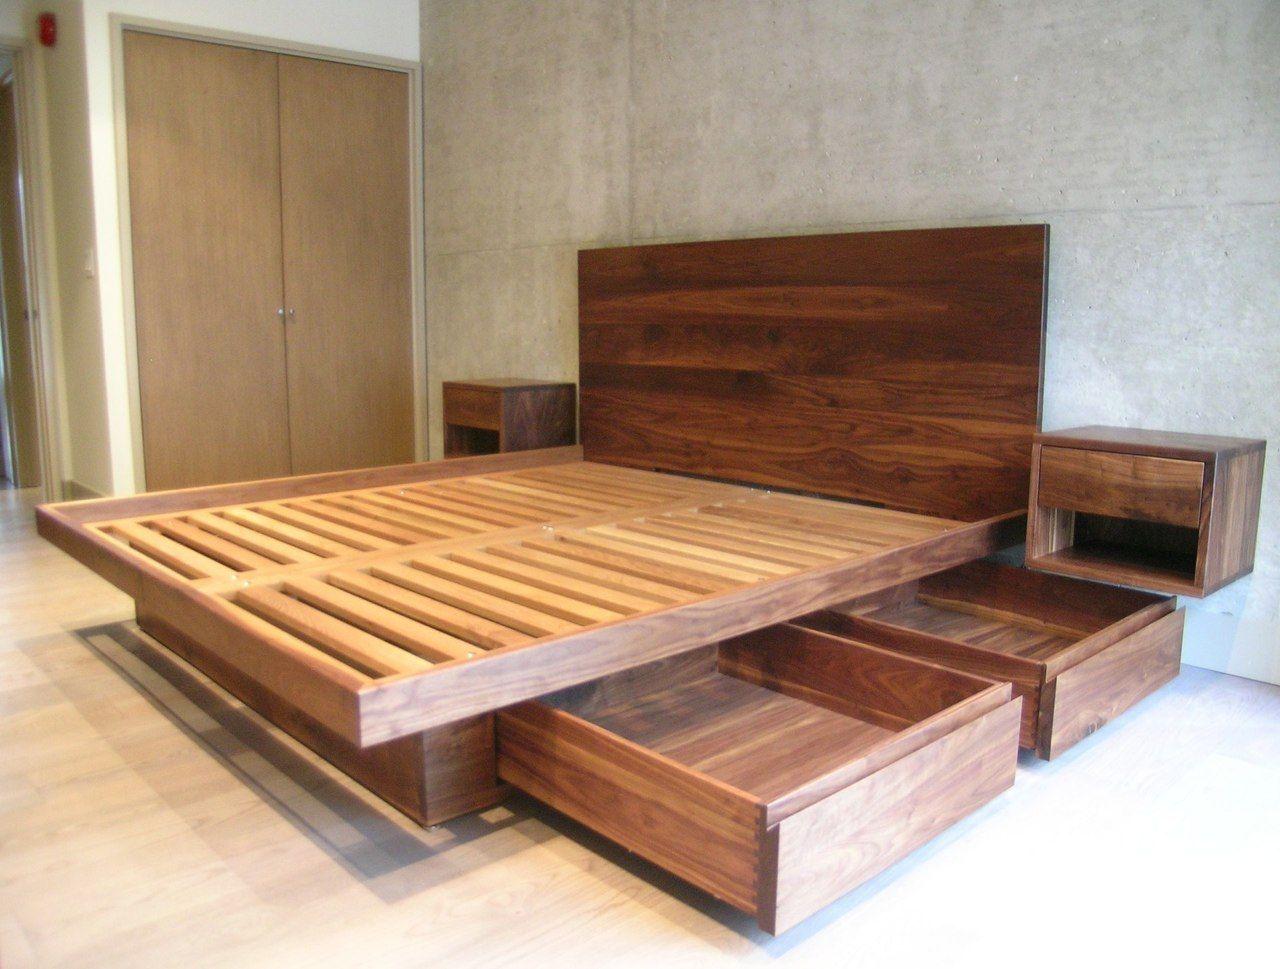 Zaw Bed Open Jpg 1280 969 Muebles Dormitorio Diseno De Cama